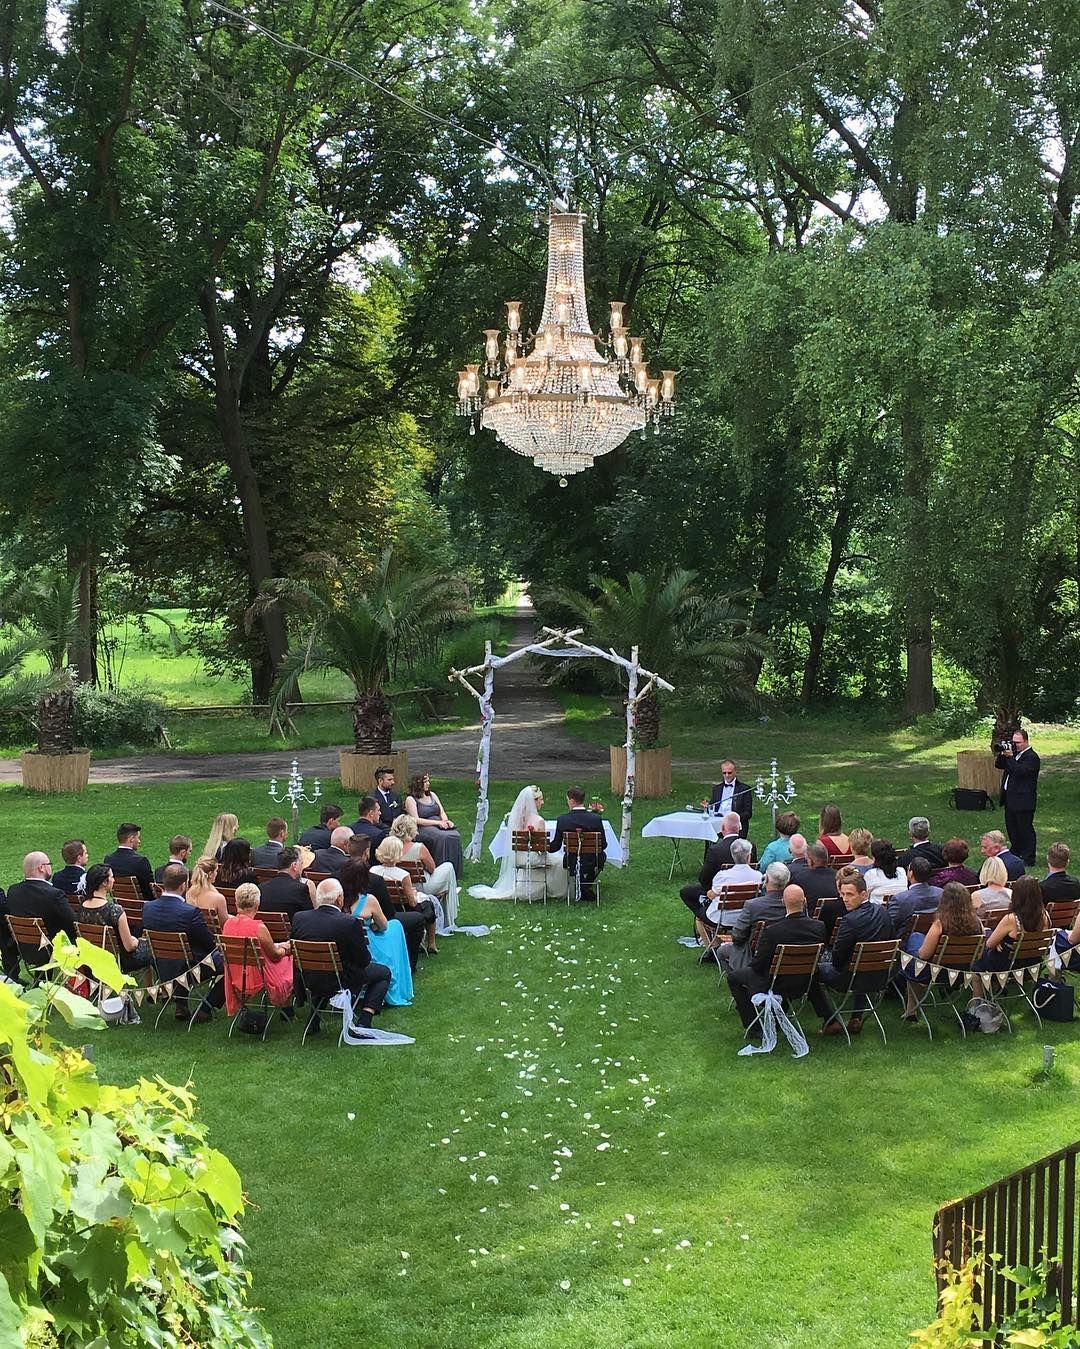 Schloss Schwante Schloss Schwante Auf Instagram Instagram Wedding Inspo Instagram Posts